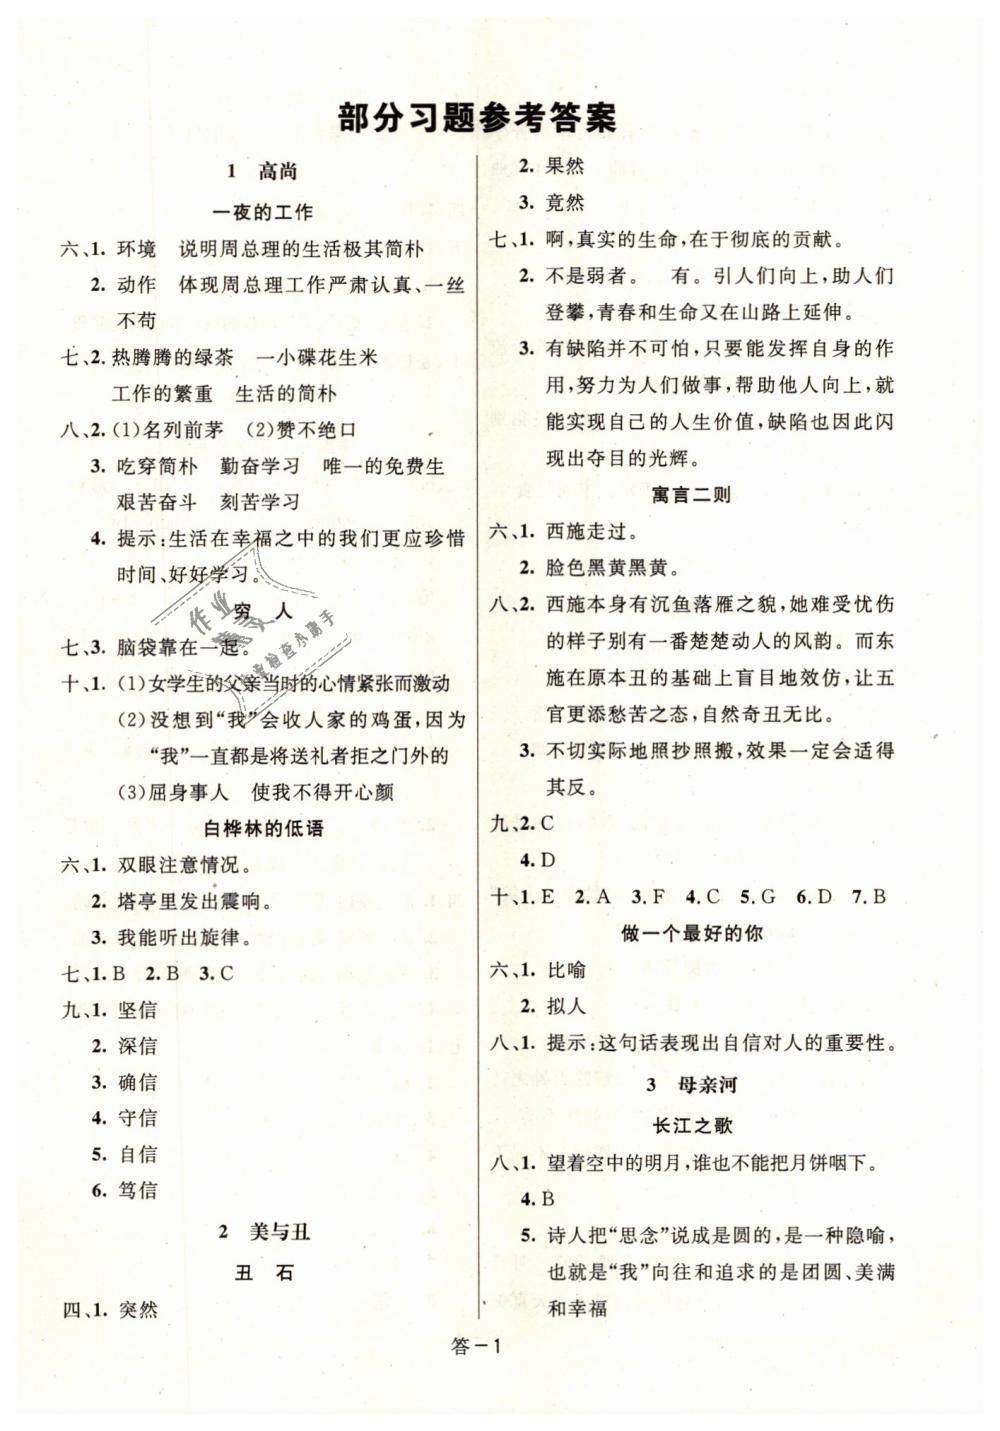 2018年领航新课标练习册六年级语文上册北师大版第1页